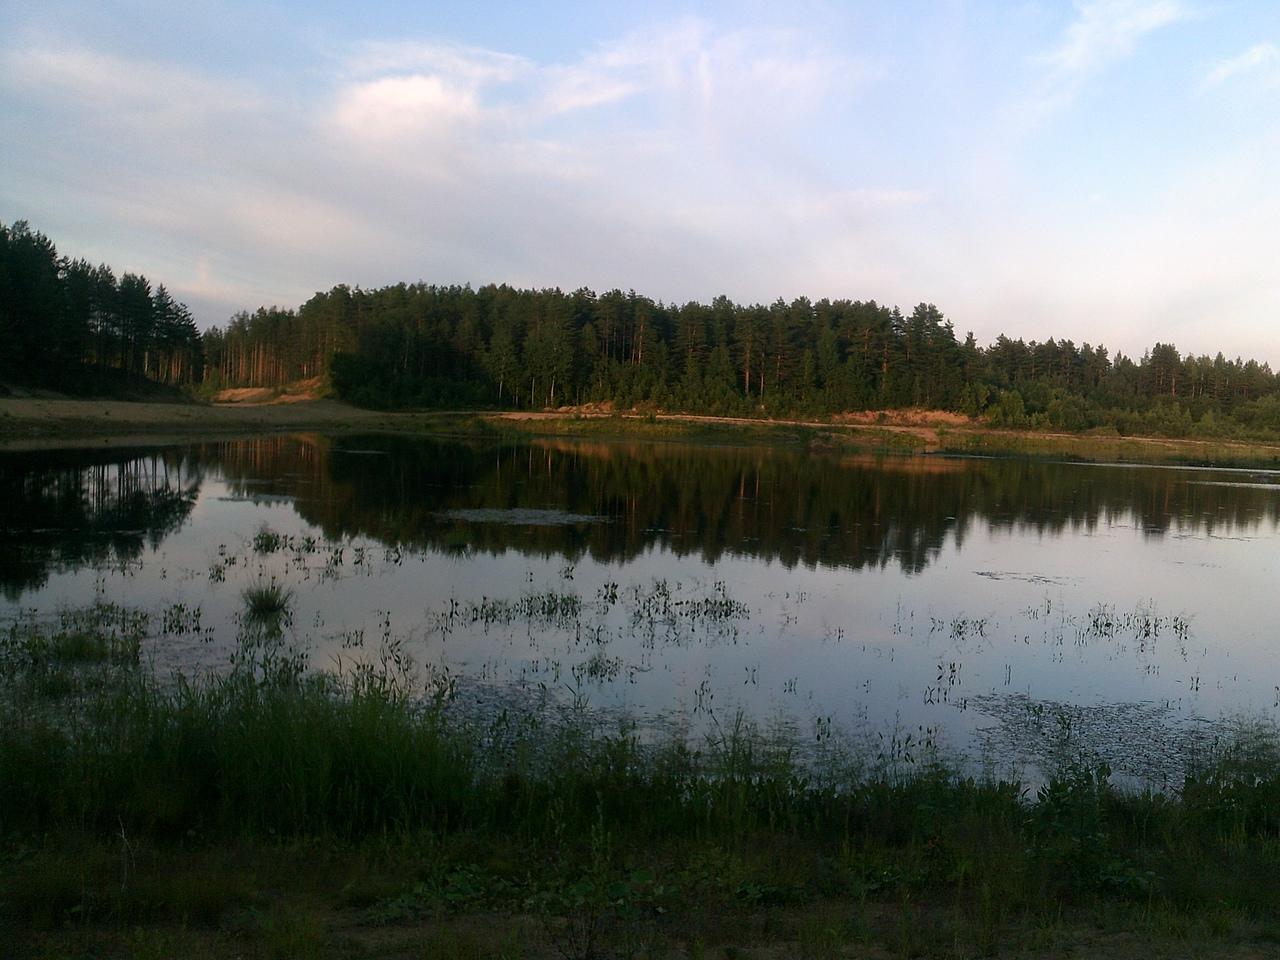 42 километра пешком за один день. Озера, леса и заброшенные объекты за поселком Токсово.